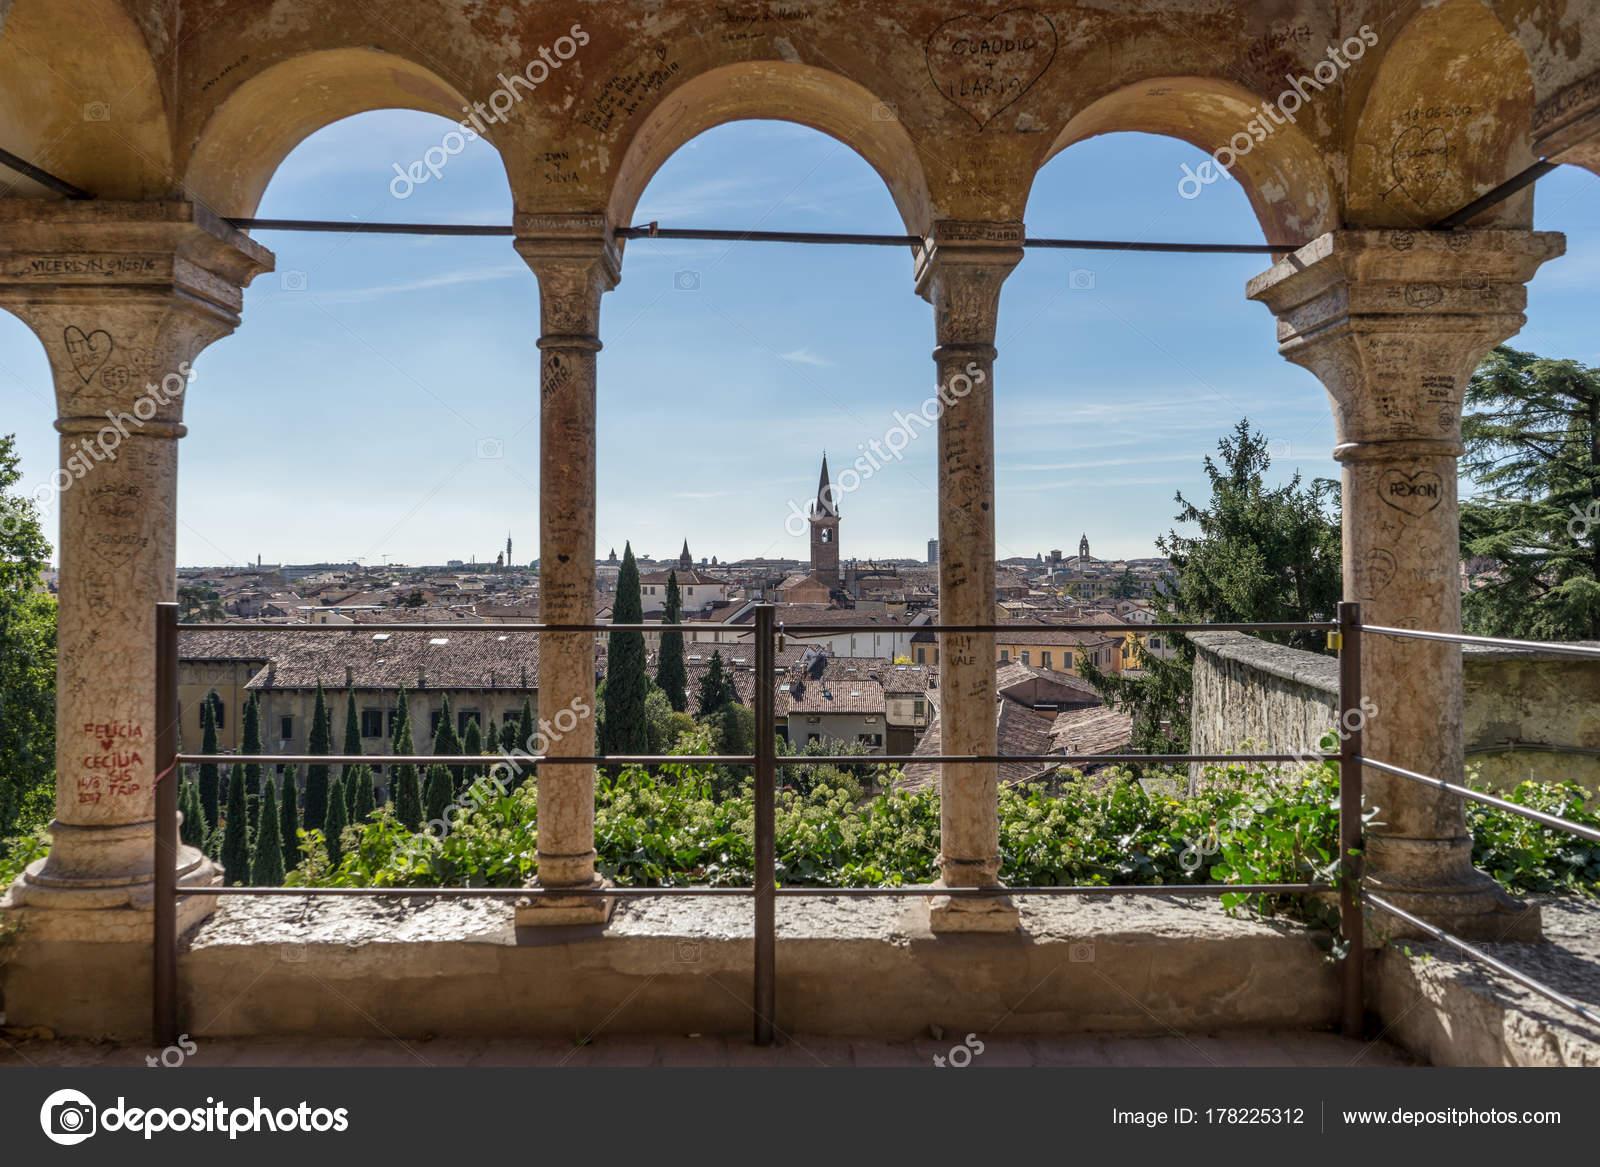 Verona giardino giusti view old town verona u stock photo